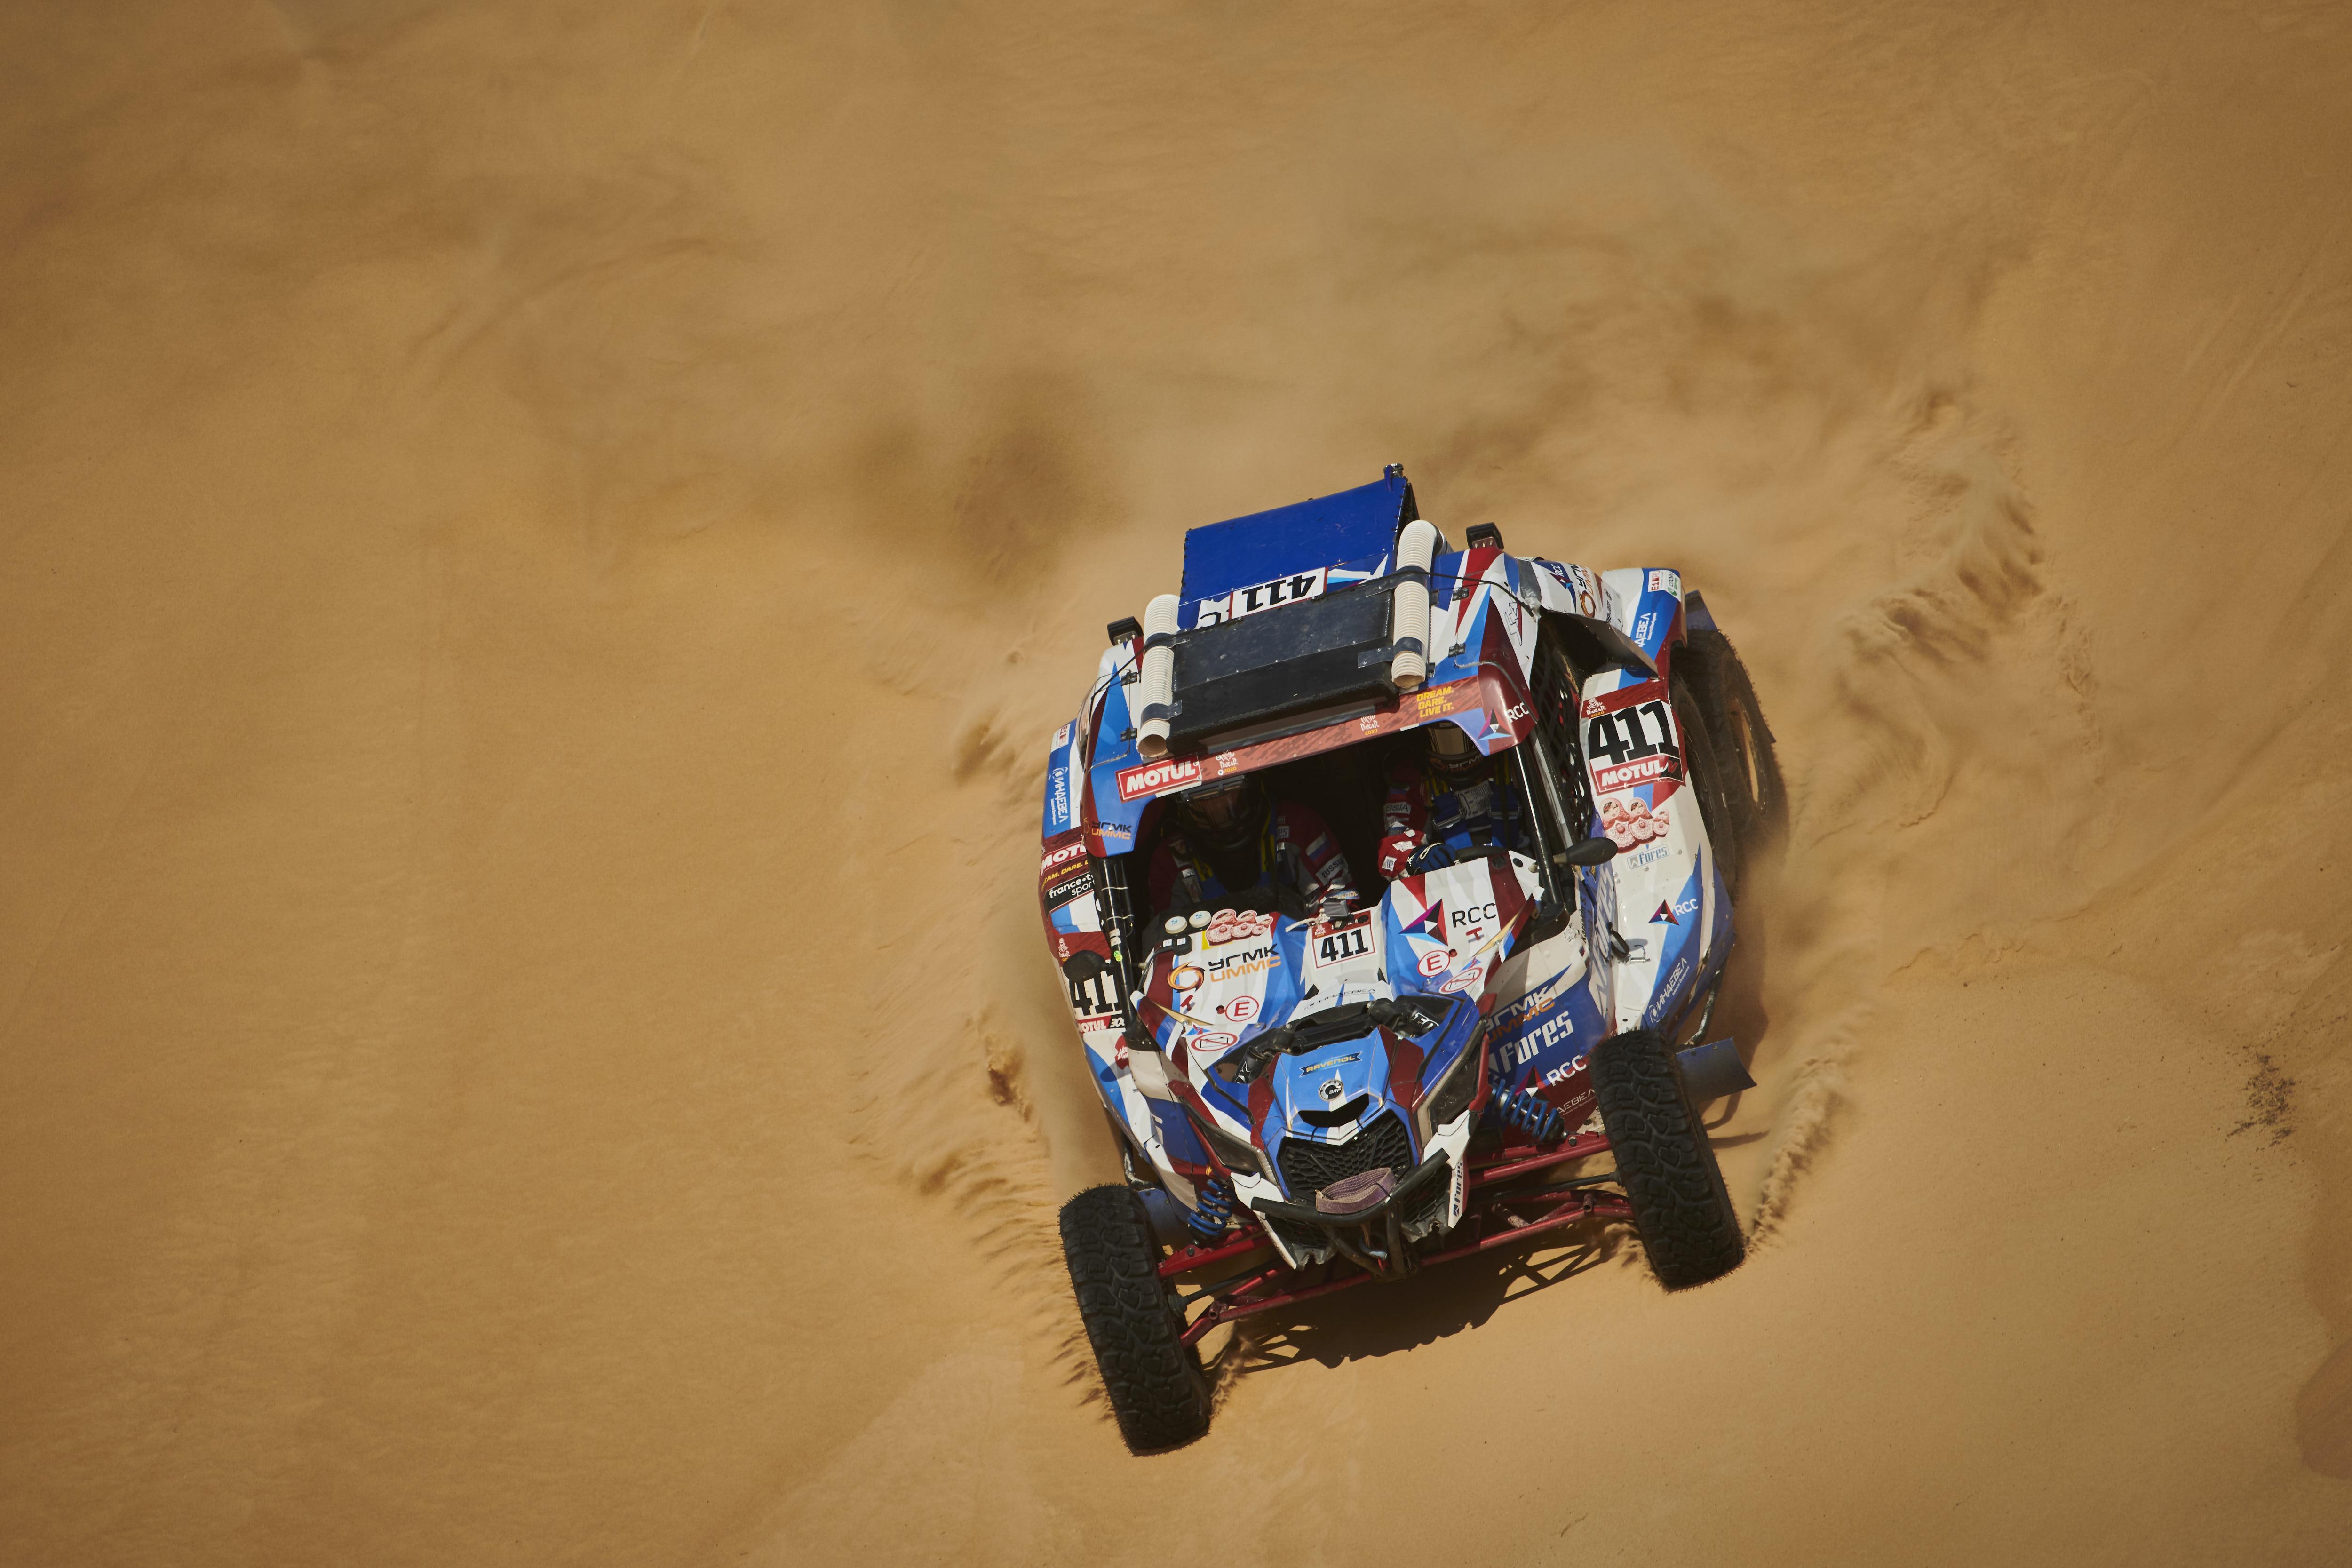 Сергей Карякин поднялся на второе место, Алекей Шмотьев не успел разогнаться – итоги десятого этапа Dakar 2020 для Snag Racing Team